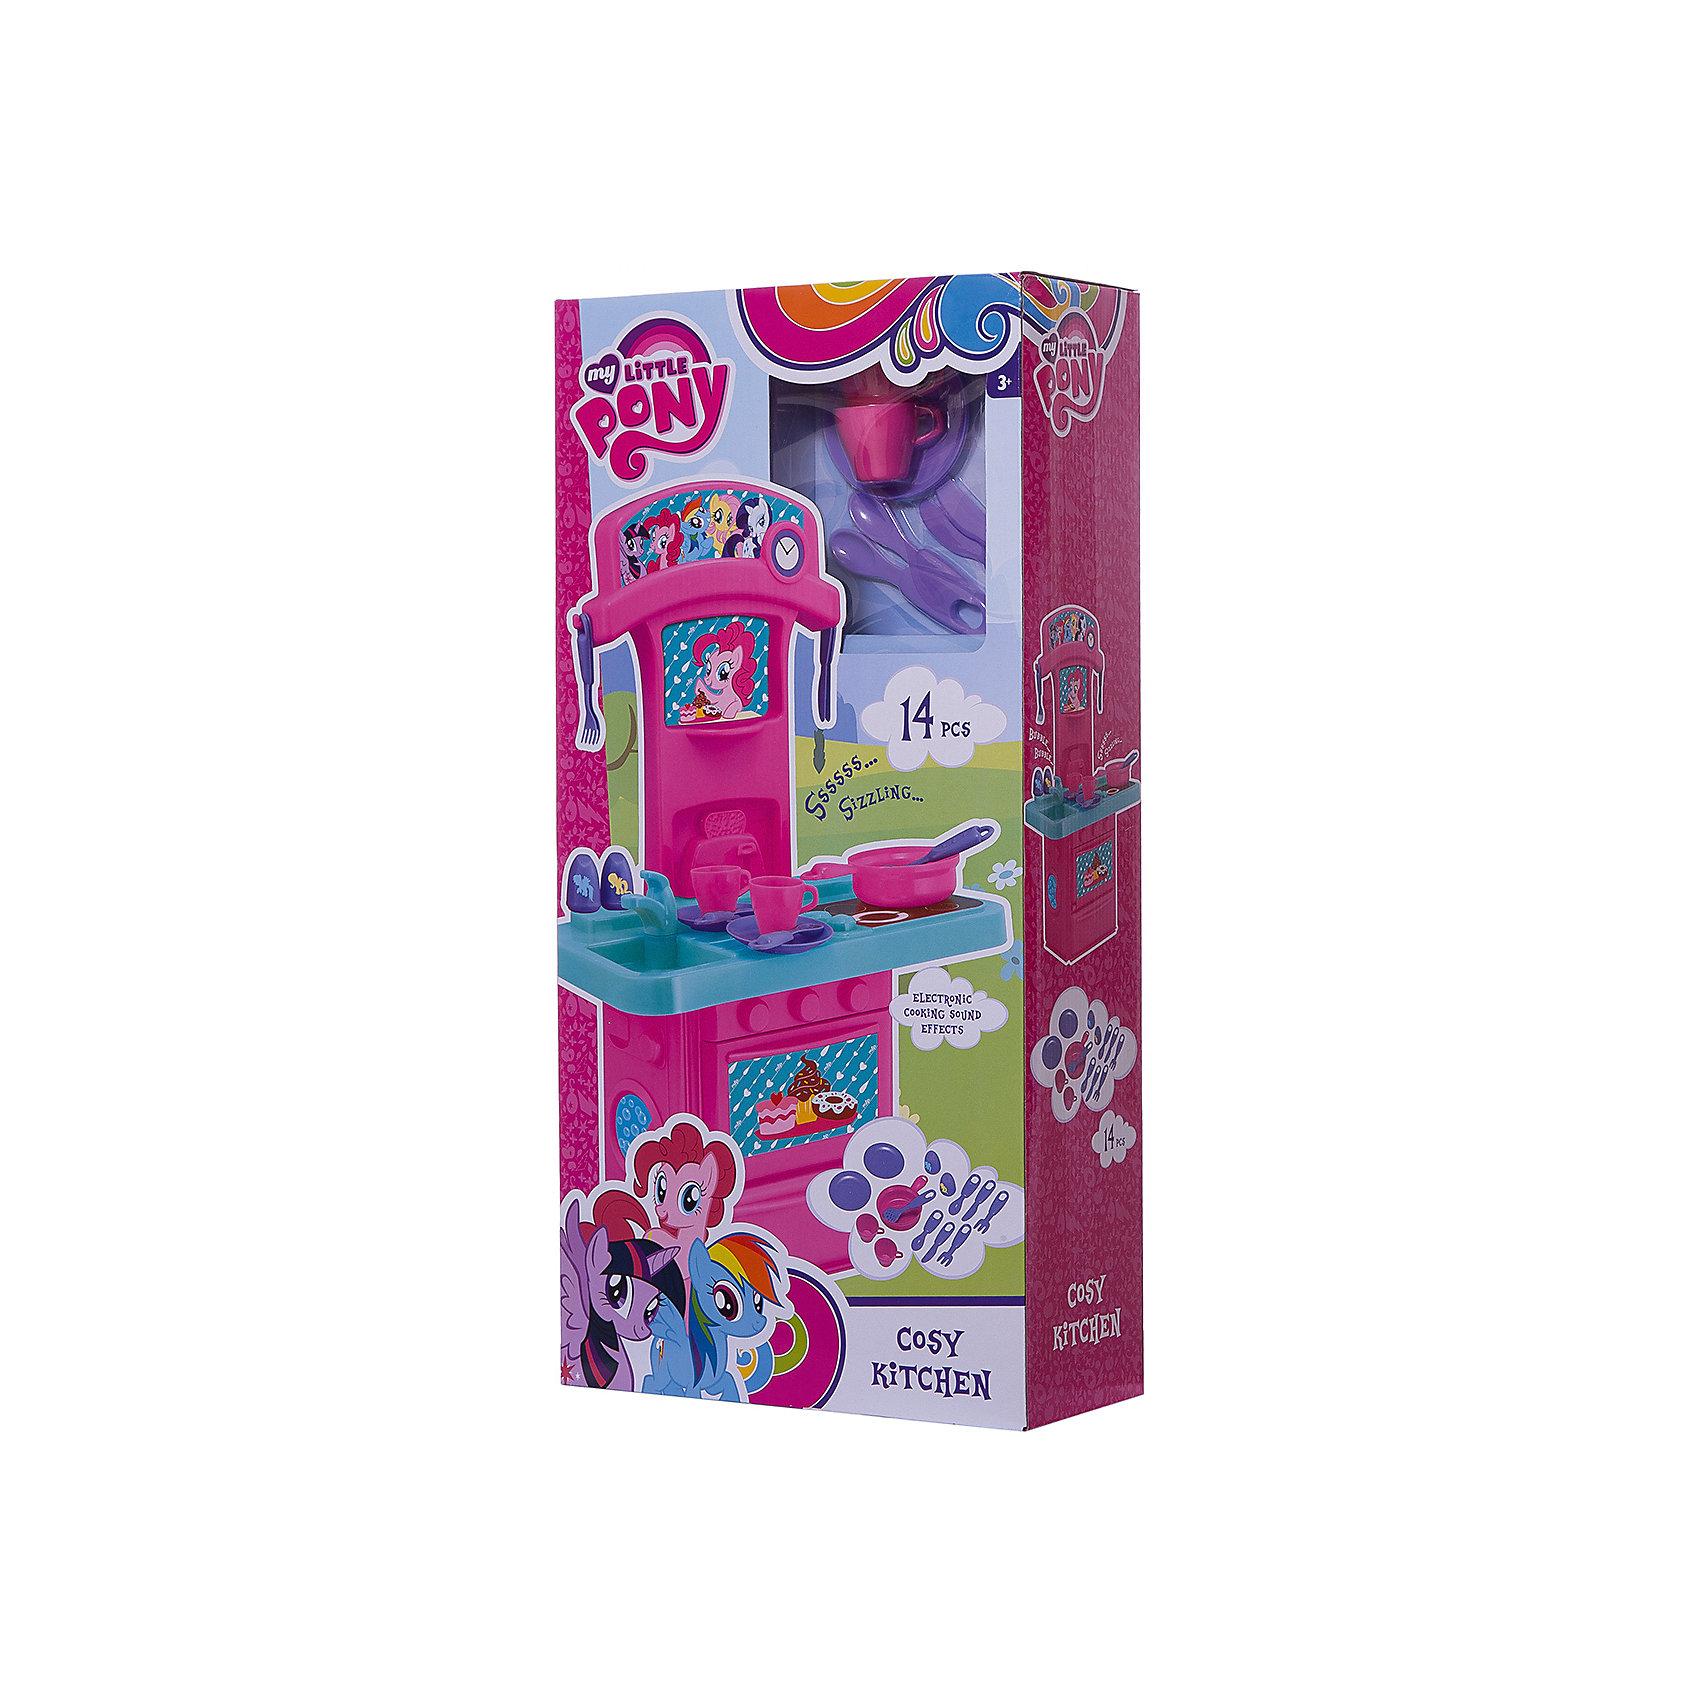 Мини-кухня My Little Pony, HTIДетские кухни<br>Мини-кухня My Little Pony (Май литл Пони), HTI.<br><br>Характеристика: <br><br>• Материал: пластик. <br>• Размер: 47x12х28 см. <br>• Высота игрушки: 60 см. <br>• Комплектация: кухня с мойкой и плитой, 2 чашки, кастрюля, вилка, ложка, солонка, перечница и другие аксессуары (всего 14 шт). <br>• Дверцы шкафа открываются. <br>• Яркий привлекательный дизайн. <br>• Звуковые и световые эффекты. <br>• Элемент питания: 2 ААА батарейки (не входят в комплект). <br>• Оформлена изображениями героинь My Little Pony (Моя маленькая Пони). <br><br>Яркая кухня, выполненная в стилистике My Little Pony и украшенная изображениями любимых героинь, приведет в восторг любую девочку! В наборе есть все, чтобы осчастливить и заинтересовать вашу юную хозяйку. Мойка, плита, открывающиеся дверцы, посуда и аксессуары сделают игры еще увлекательнее и интереснее! Все детали набора выполнены из высококачественного пластика, в производстве которого использованы только нетоксичные качественные красители. <br><br>Мини-кухню My Little Pony (Май литл Пони), HTI, можно купить в нашем интернет-магазине.<br><br>Ширина мм: 575<br>Глубина мм: 286<br>Высота мм: 122<br>Вес г: 1200<br>Возраст от месяцев: 36<br>Возраст до месяцев: 168<br>Пол: Женский<br>Возраст: Детский<br>SKU: 5366512